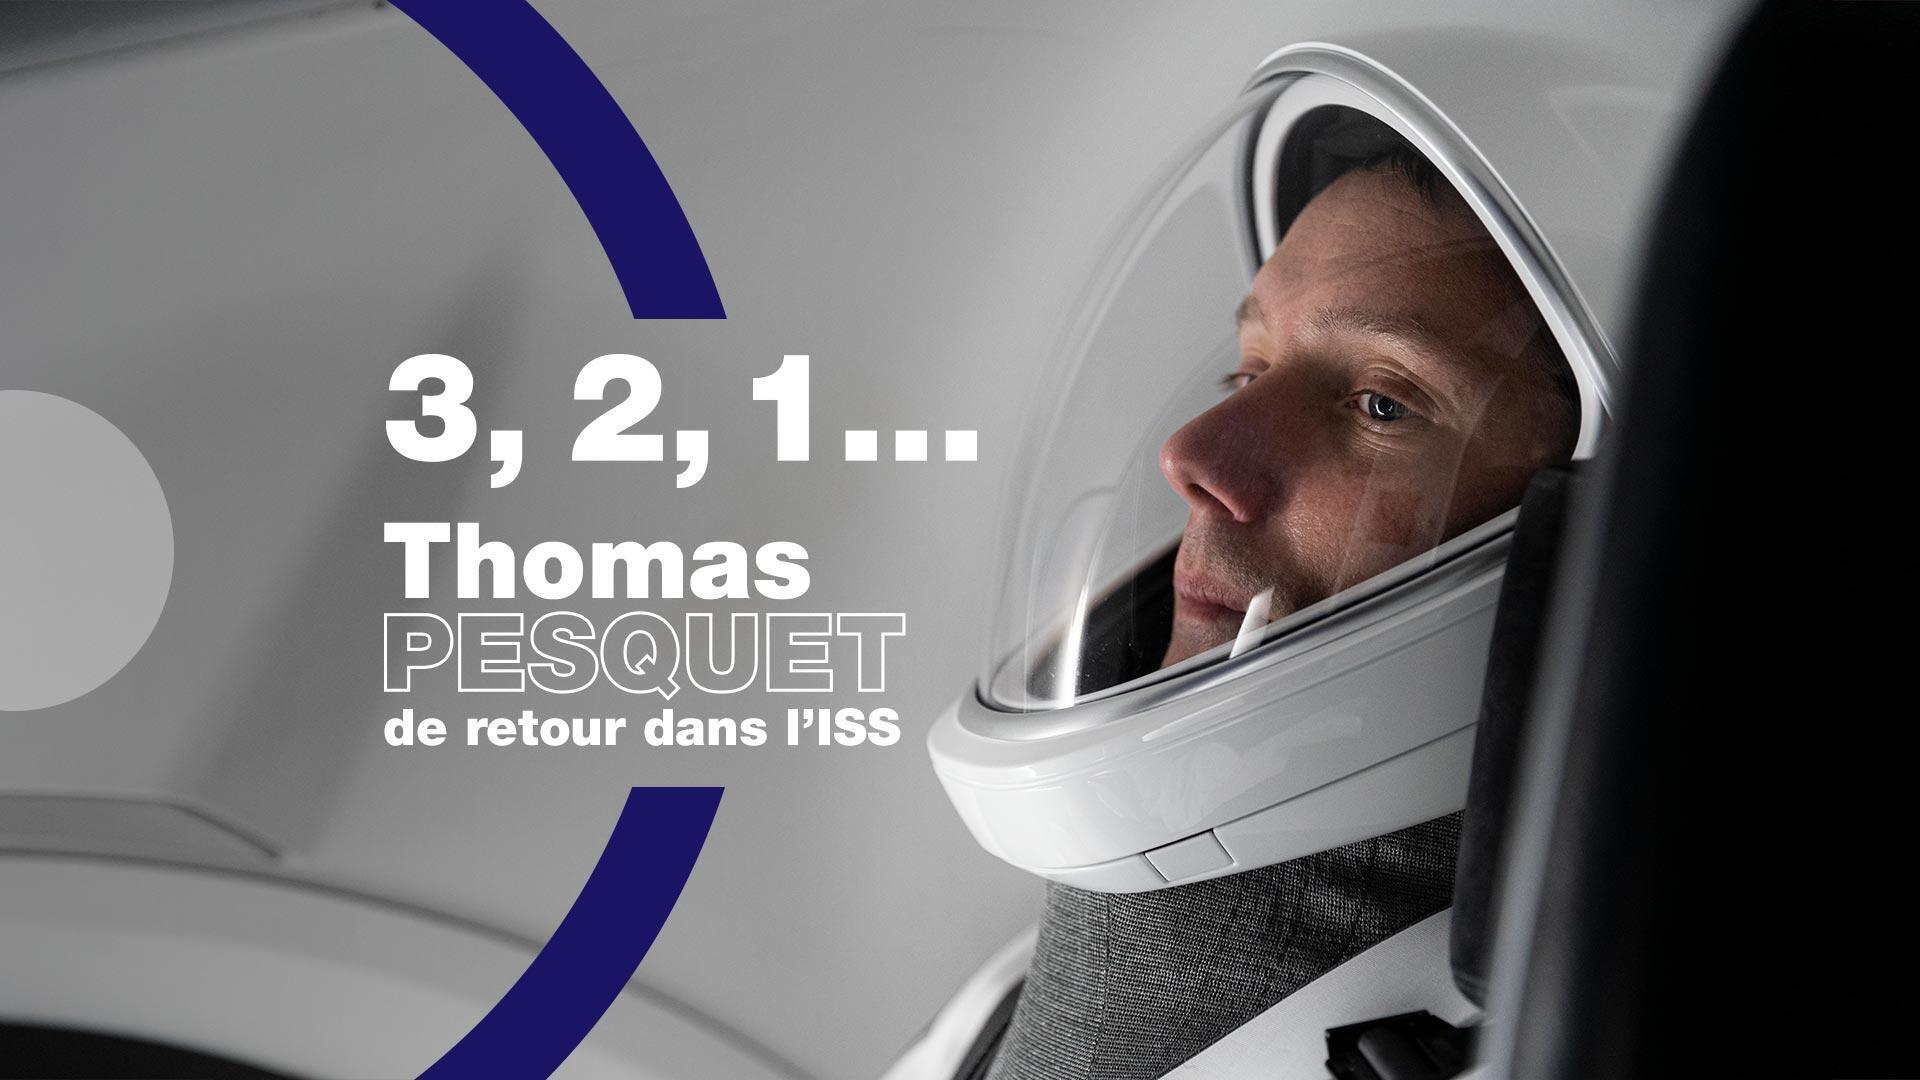 Le spationaute français Thomas Pesquet effectue, le 23 avril 2021, son deuxième voyage dans l'espace à bord de l'ISS pour la mission Alpha.